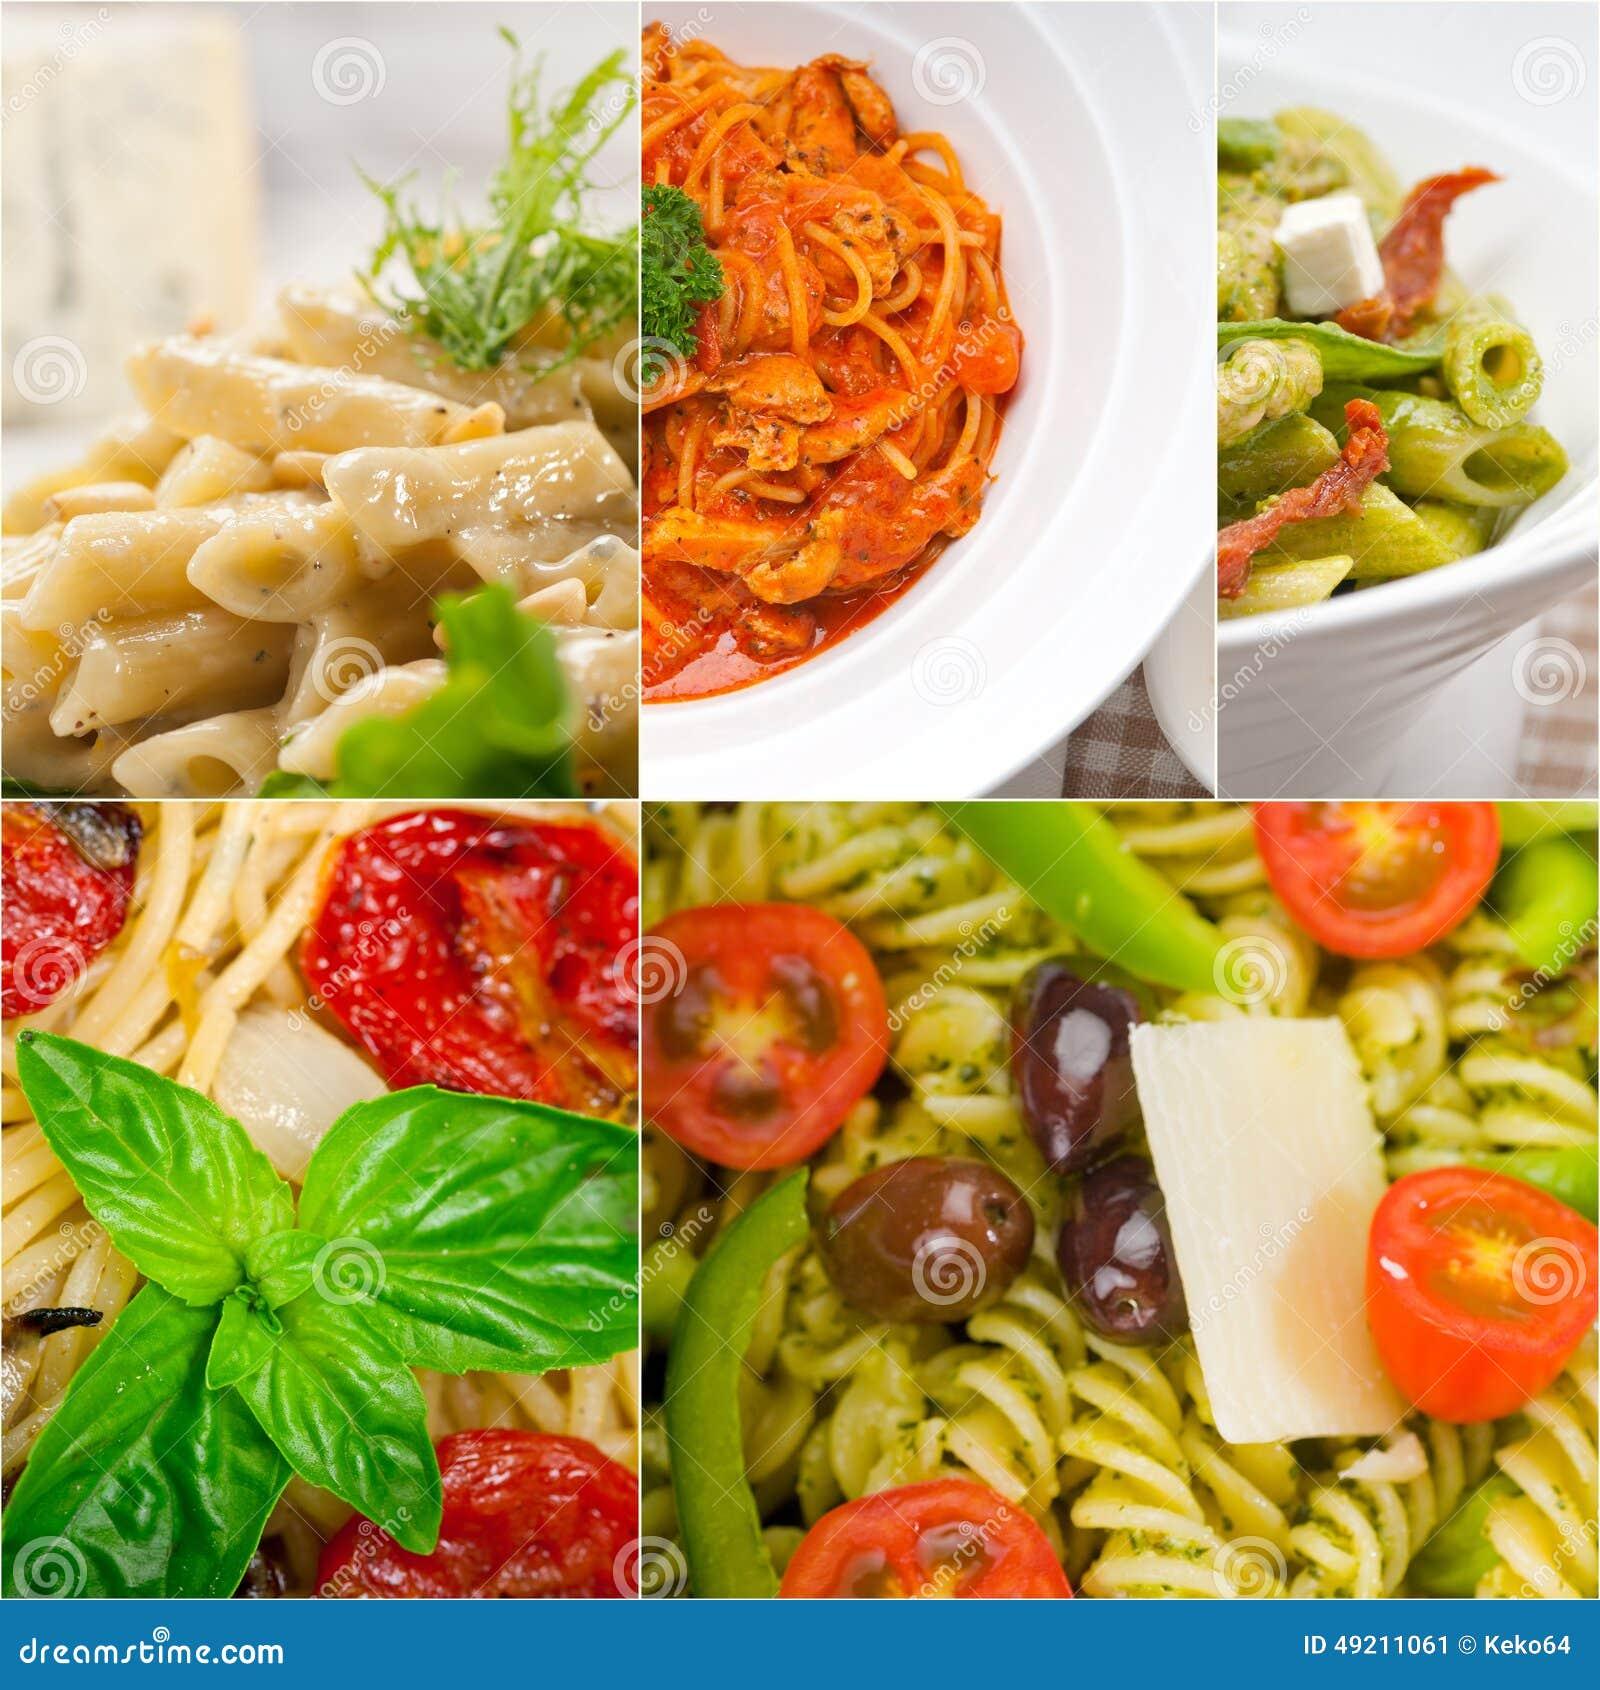 Sammlung unterschiedliche Art der italienischen Teigwarencollage